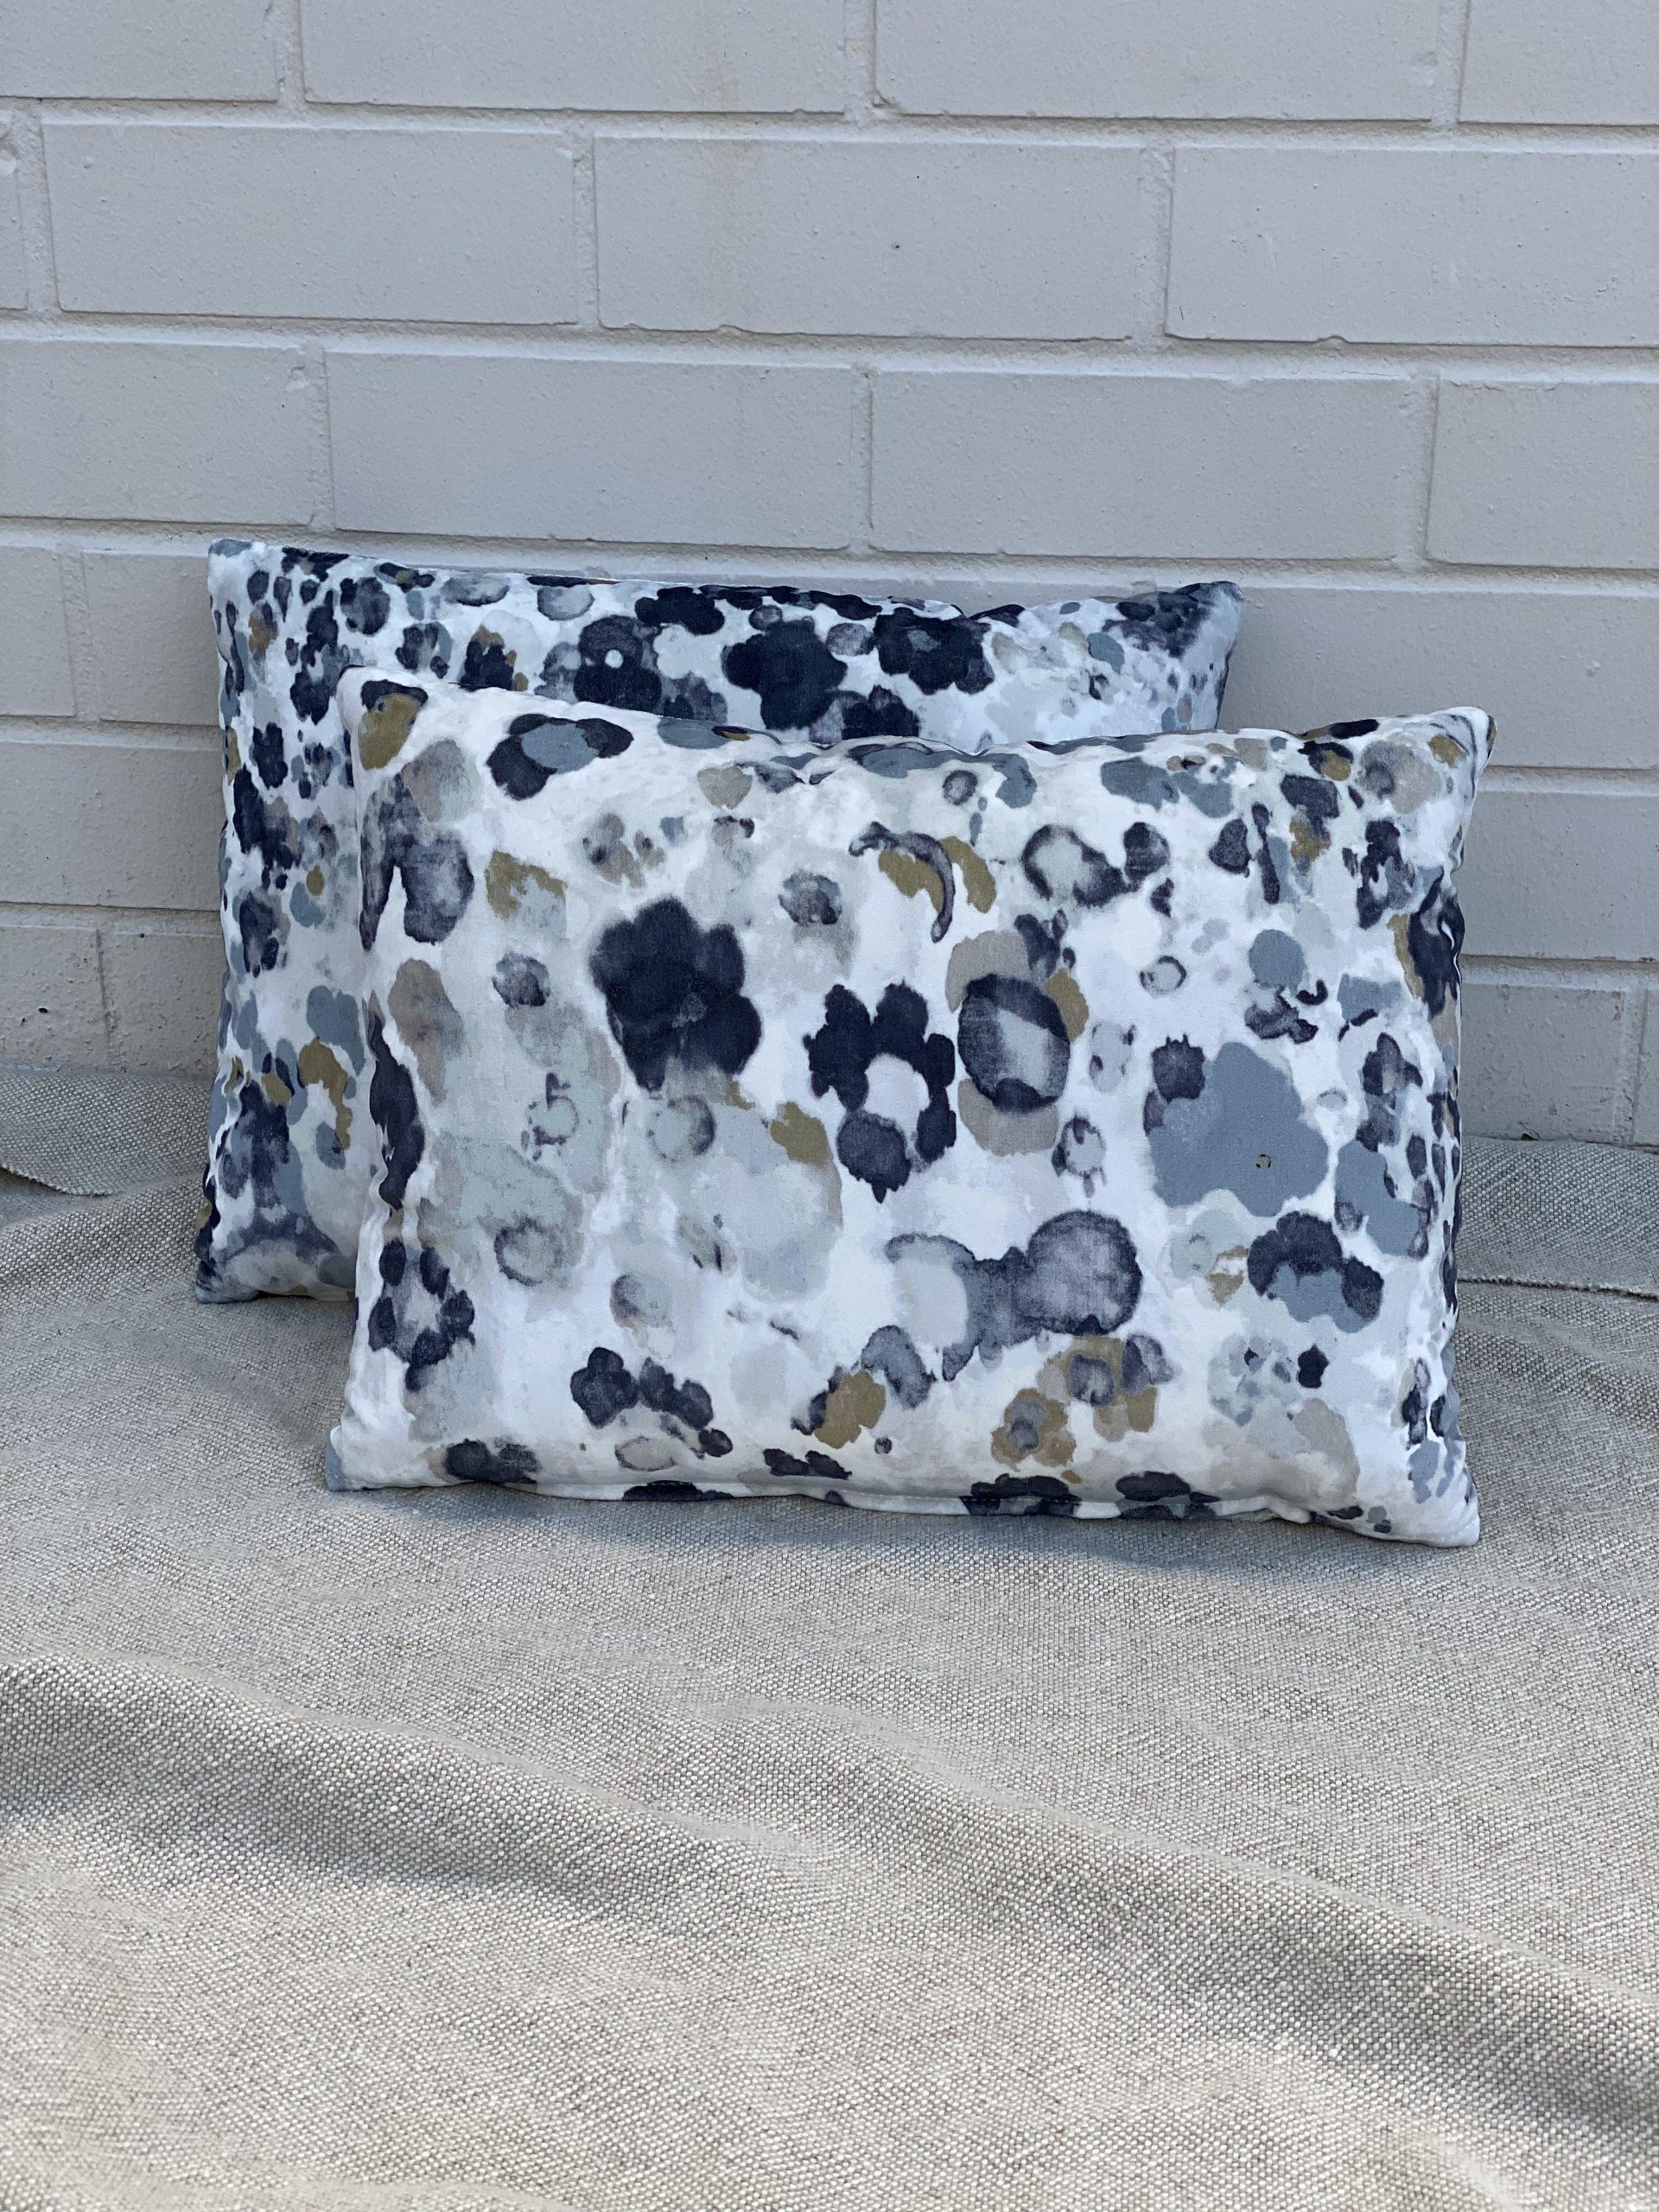 ROMO Black Edition Pillows